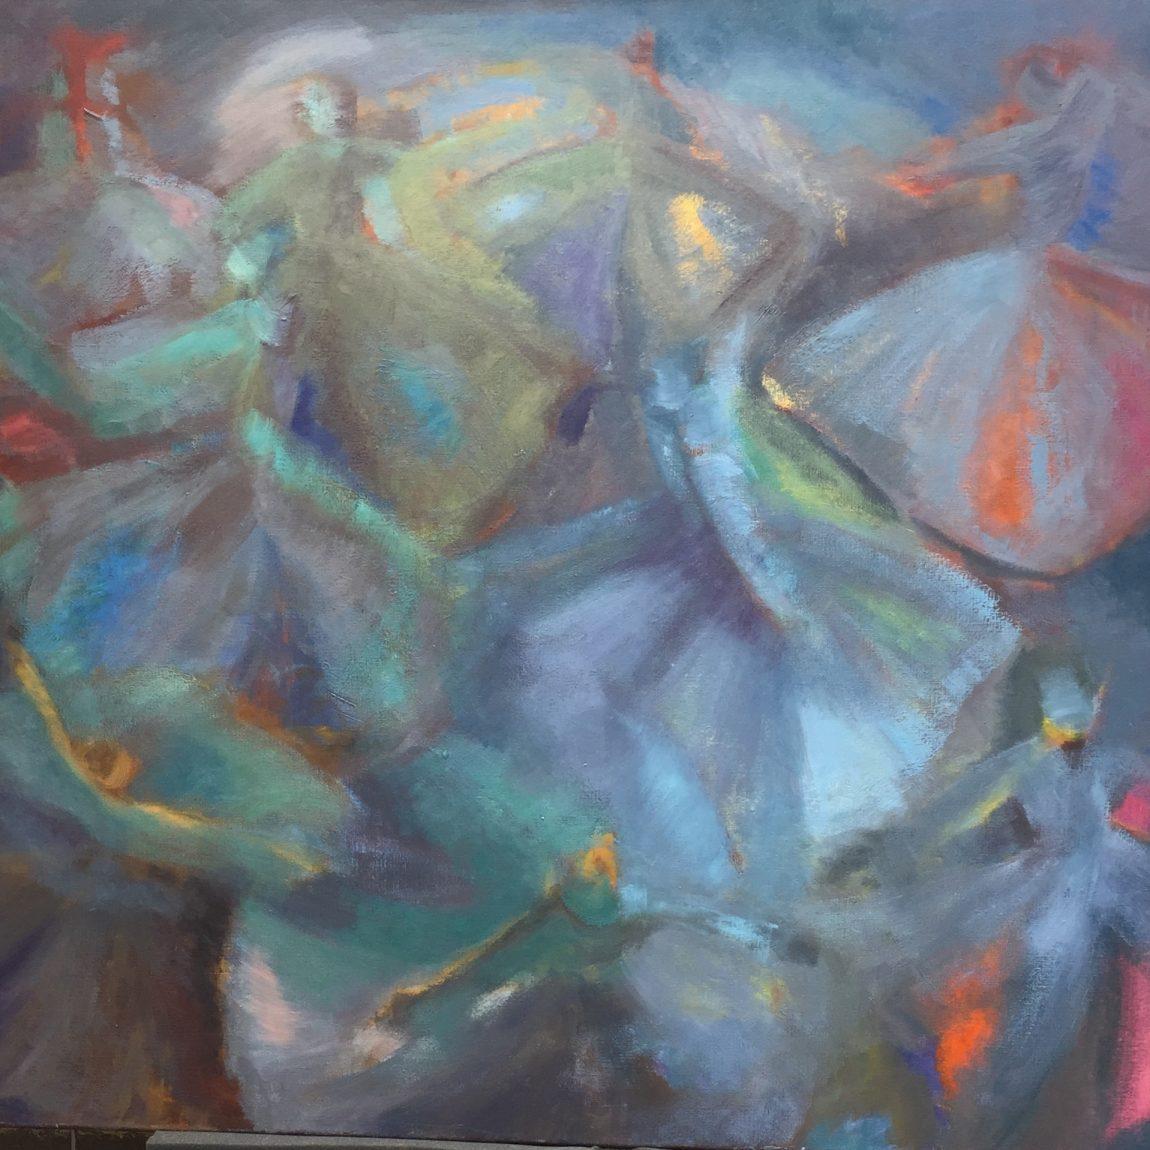 Semra Özümerzifon - Eser Adı : Sema Teknik: Tuval Üzeri Yağlı Boya Ölçü: 120 x 100 cm Fiyat : 16.000 TL